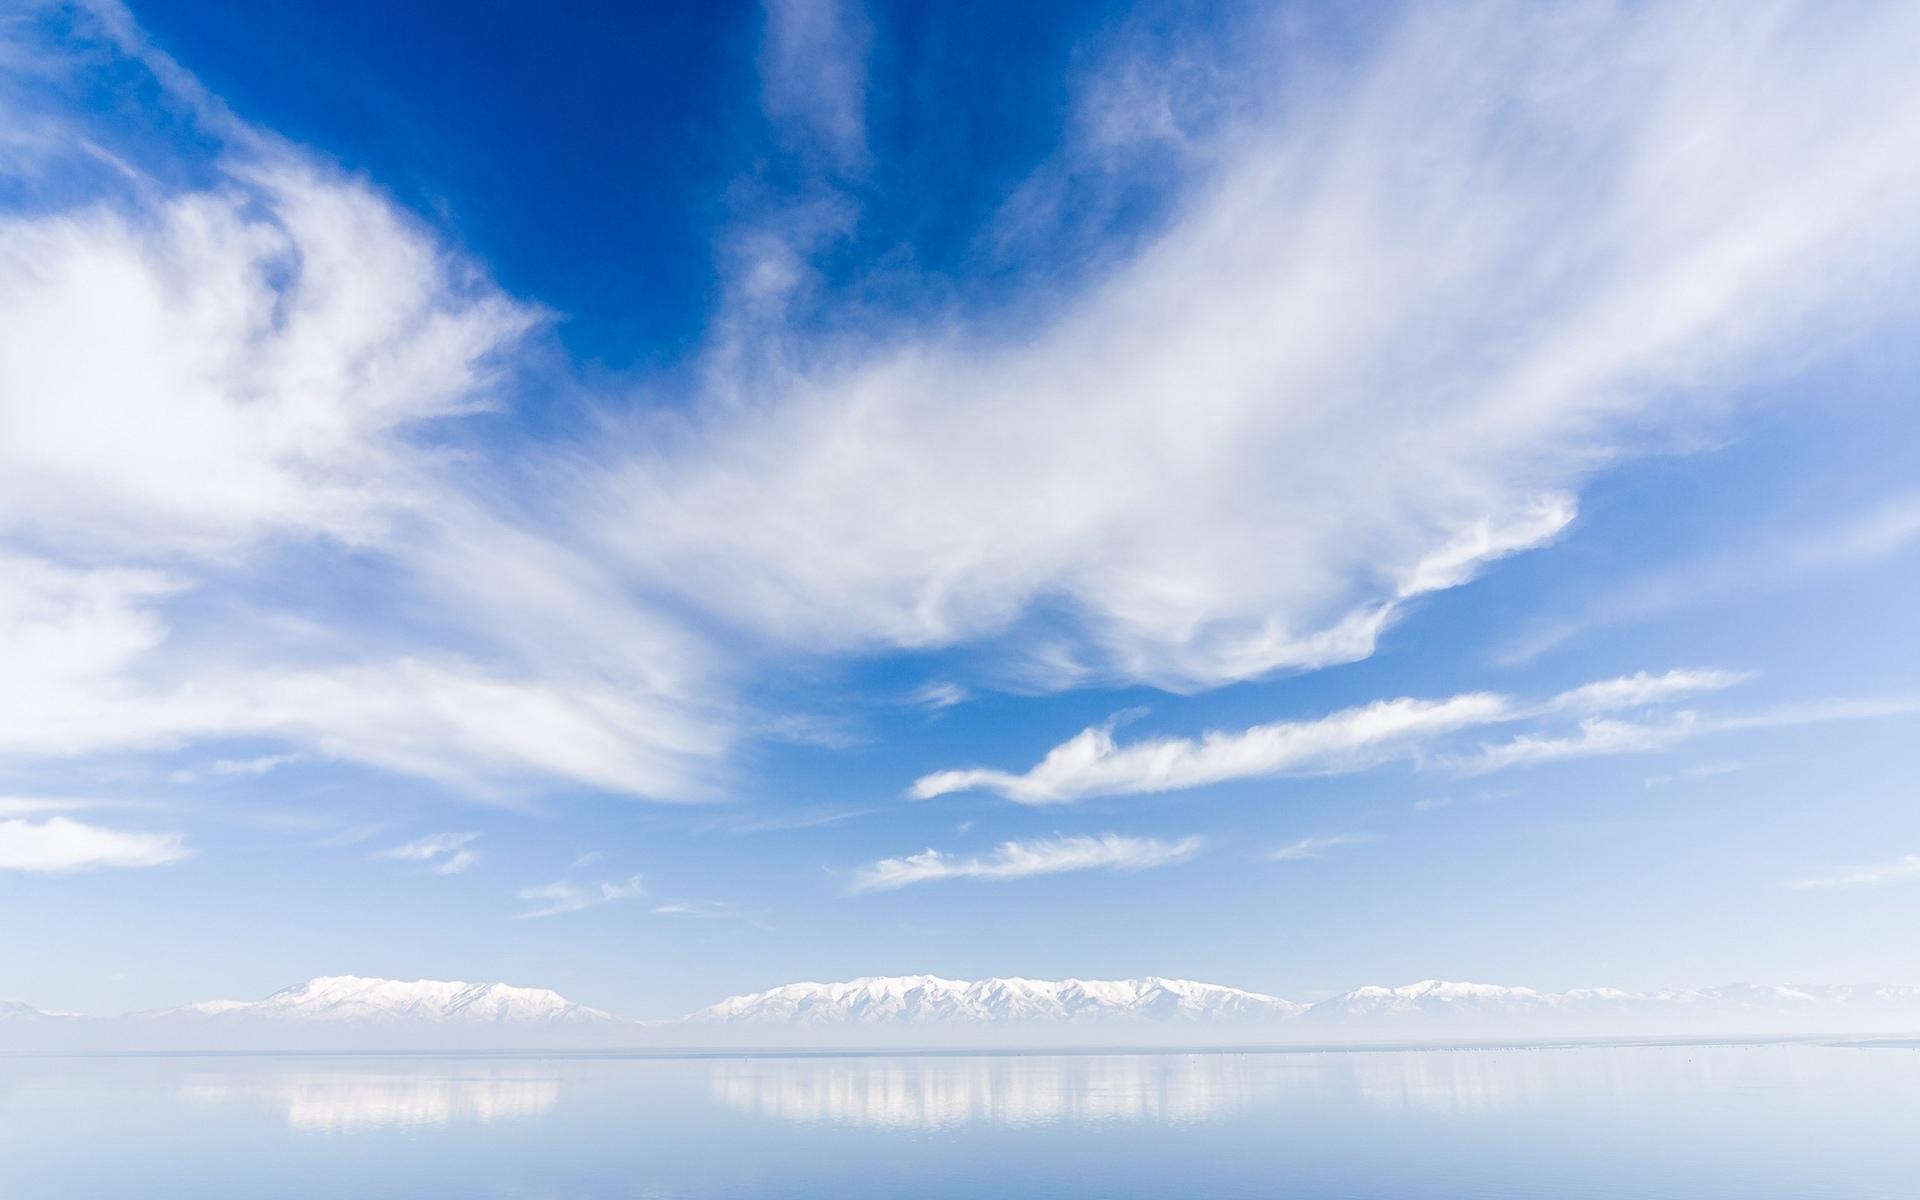 Nubes sobre un lago - 1920x1200